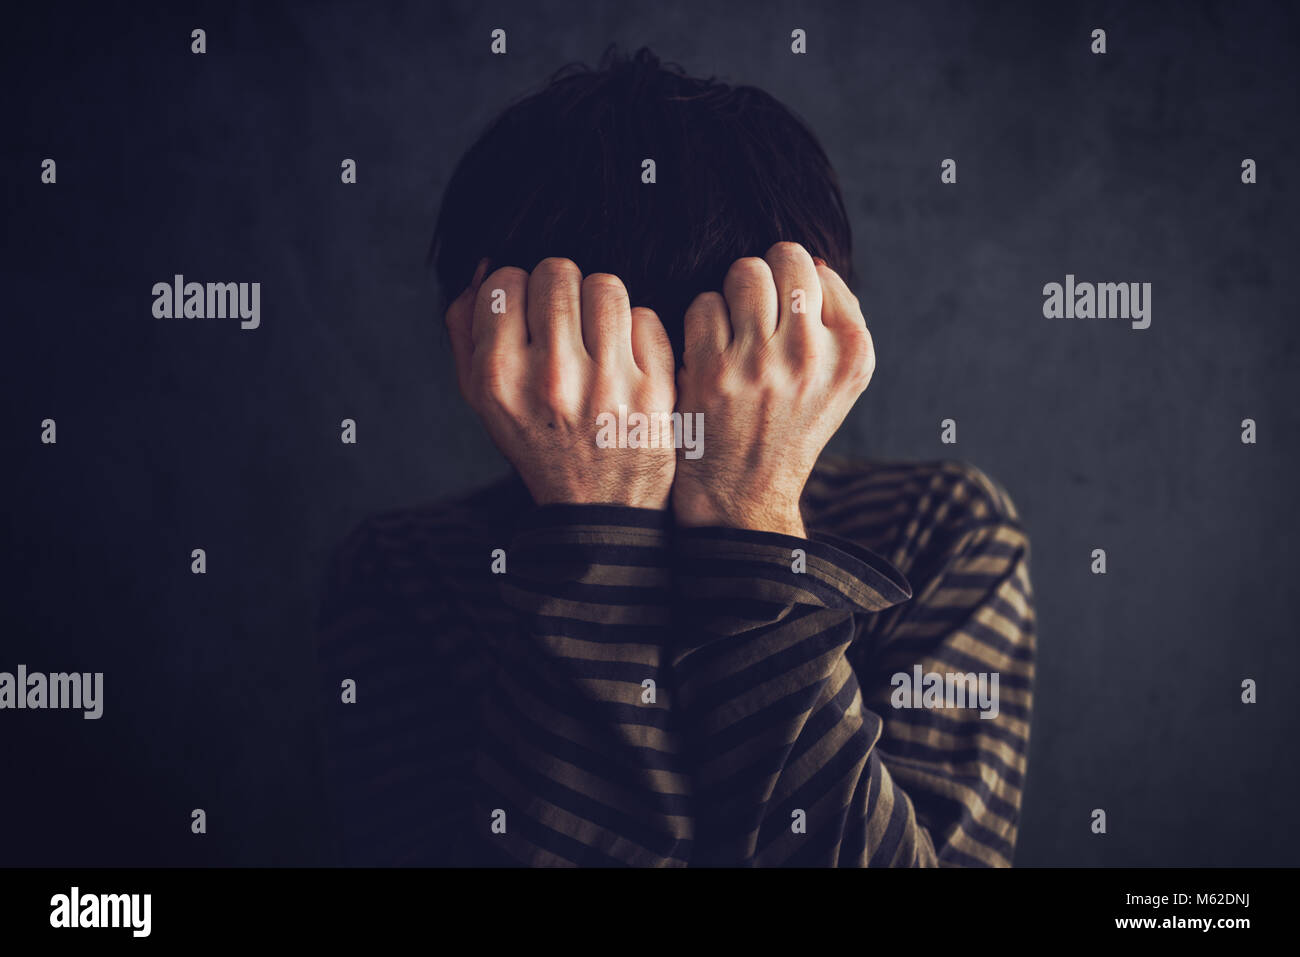 Distraught Geisteszustand, depressiven und traurigen Mann im dunklen Zimmer Stockbild